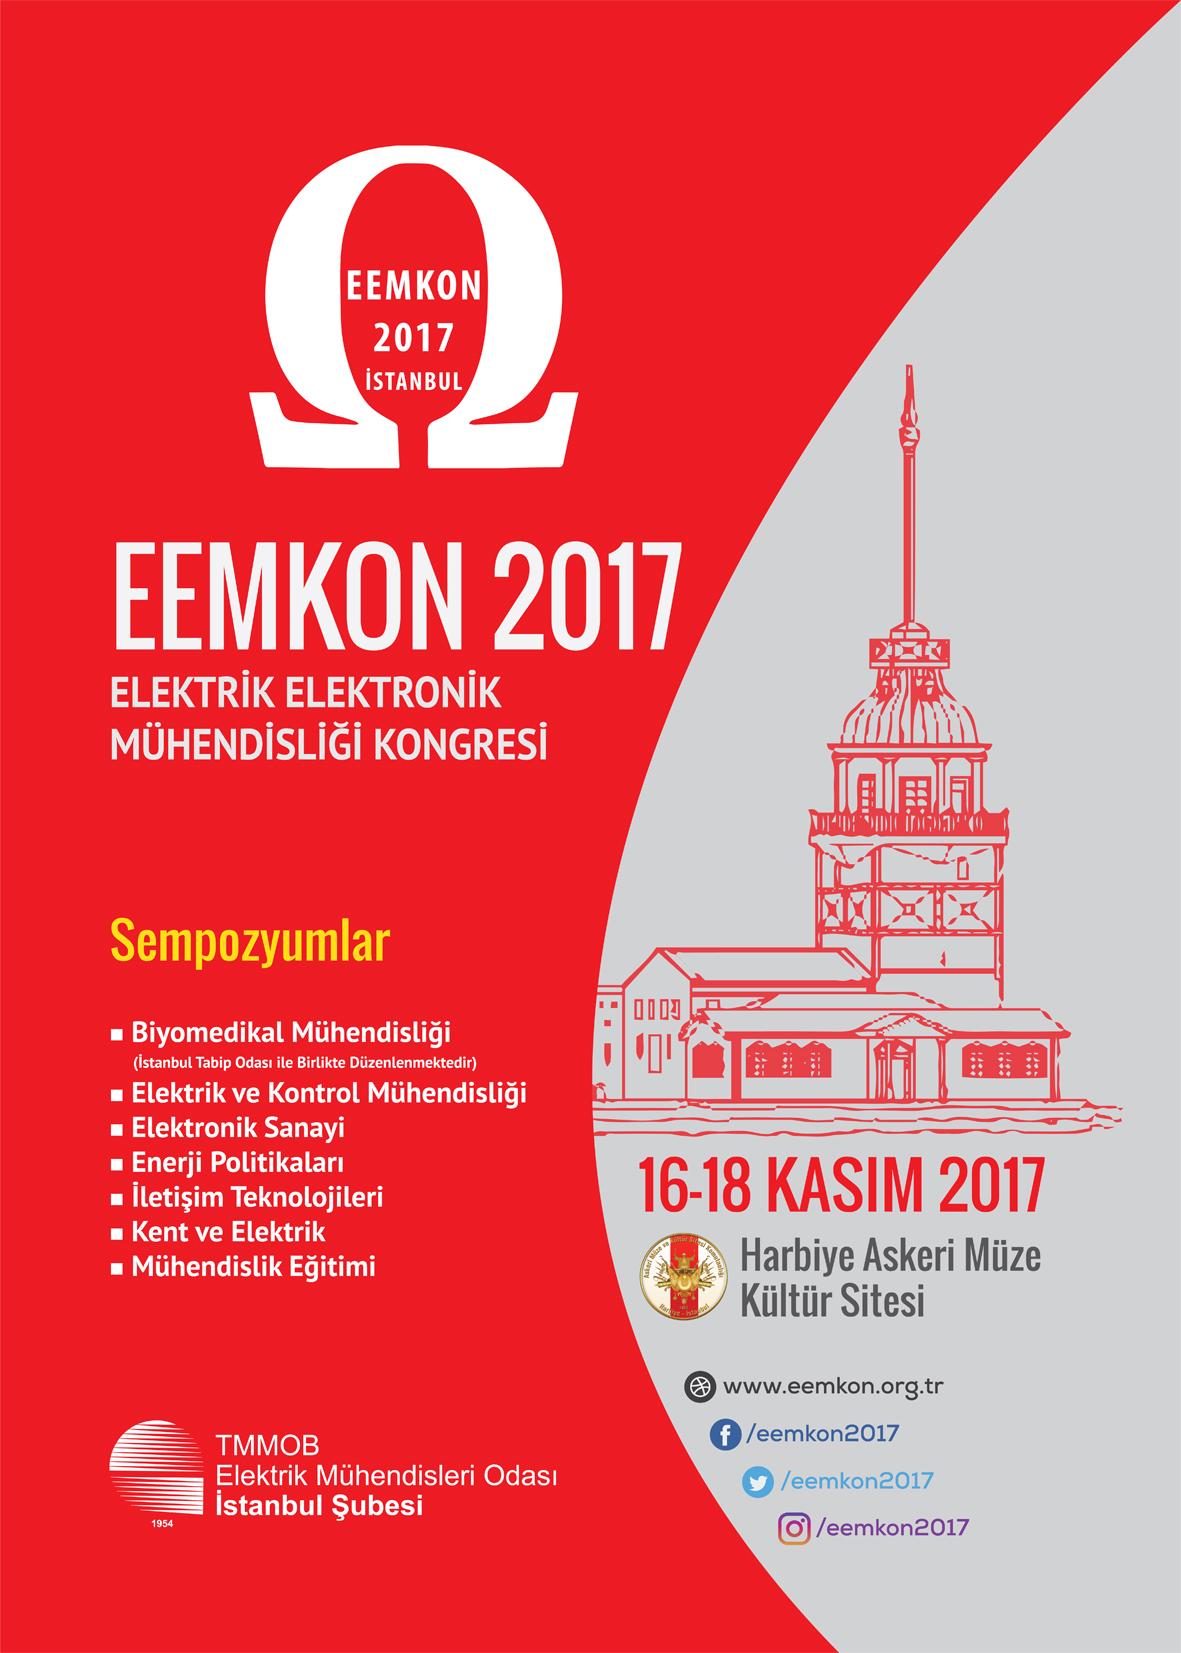 EEMKON 2017 KONGRESİ BAŞLIYOR